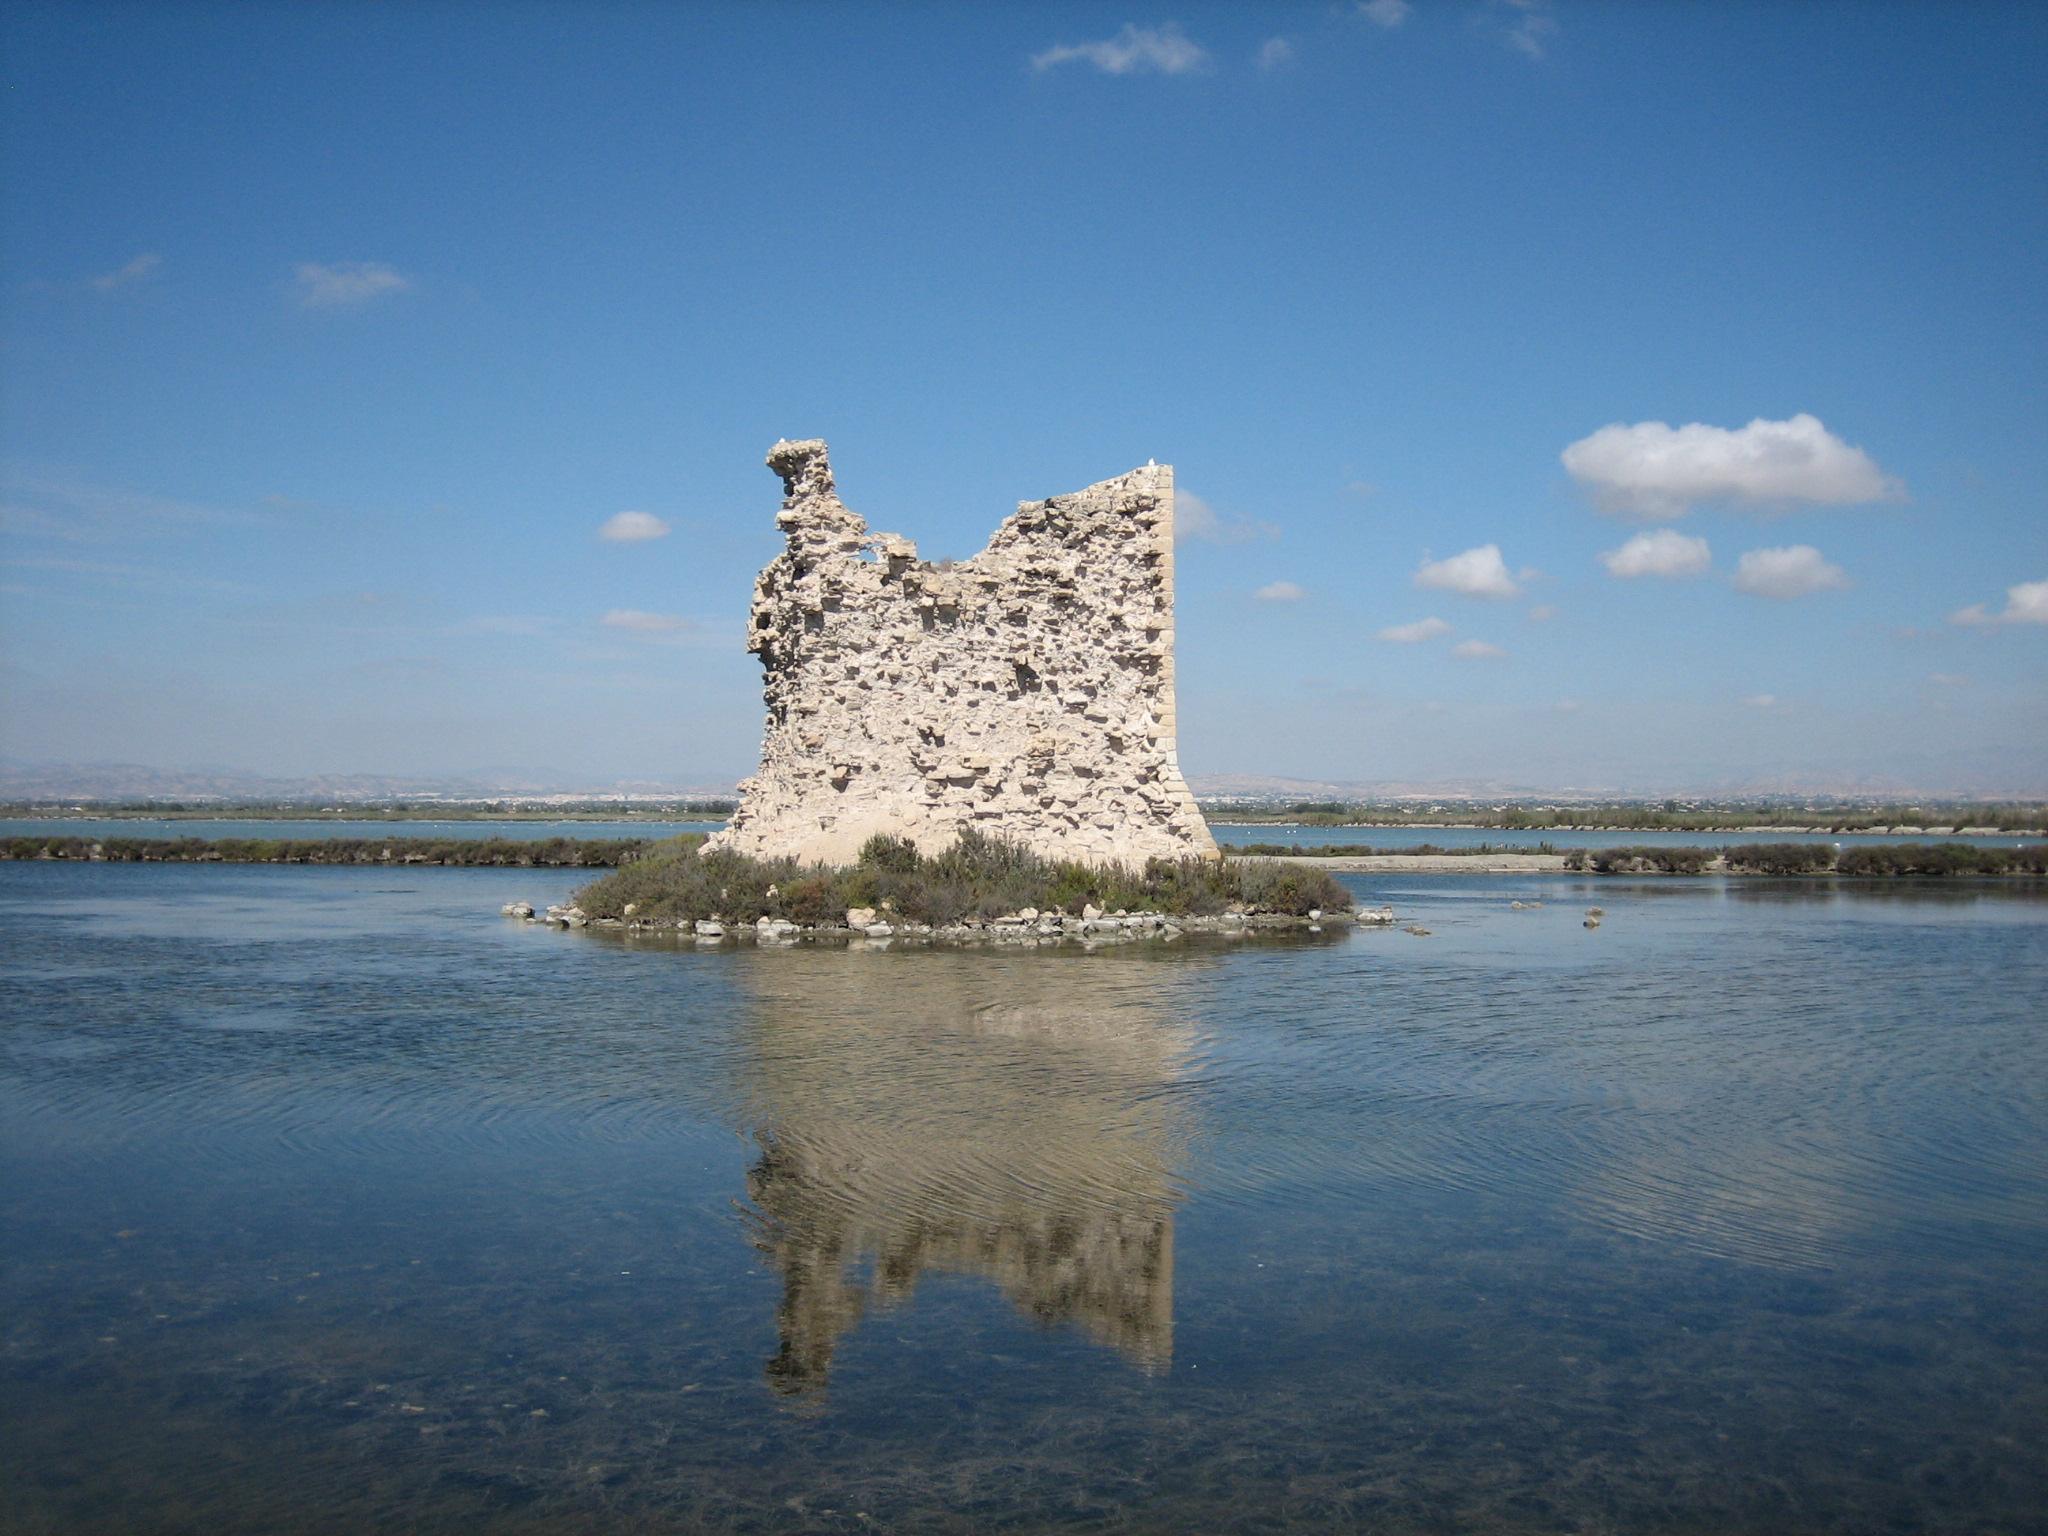 Antes de su restauración. Fuente: Rodriguillo. Fecha de la foto: 08/10/2006.